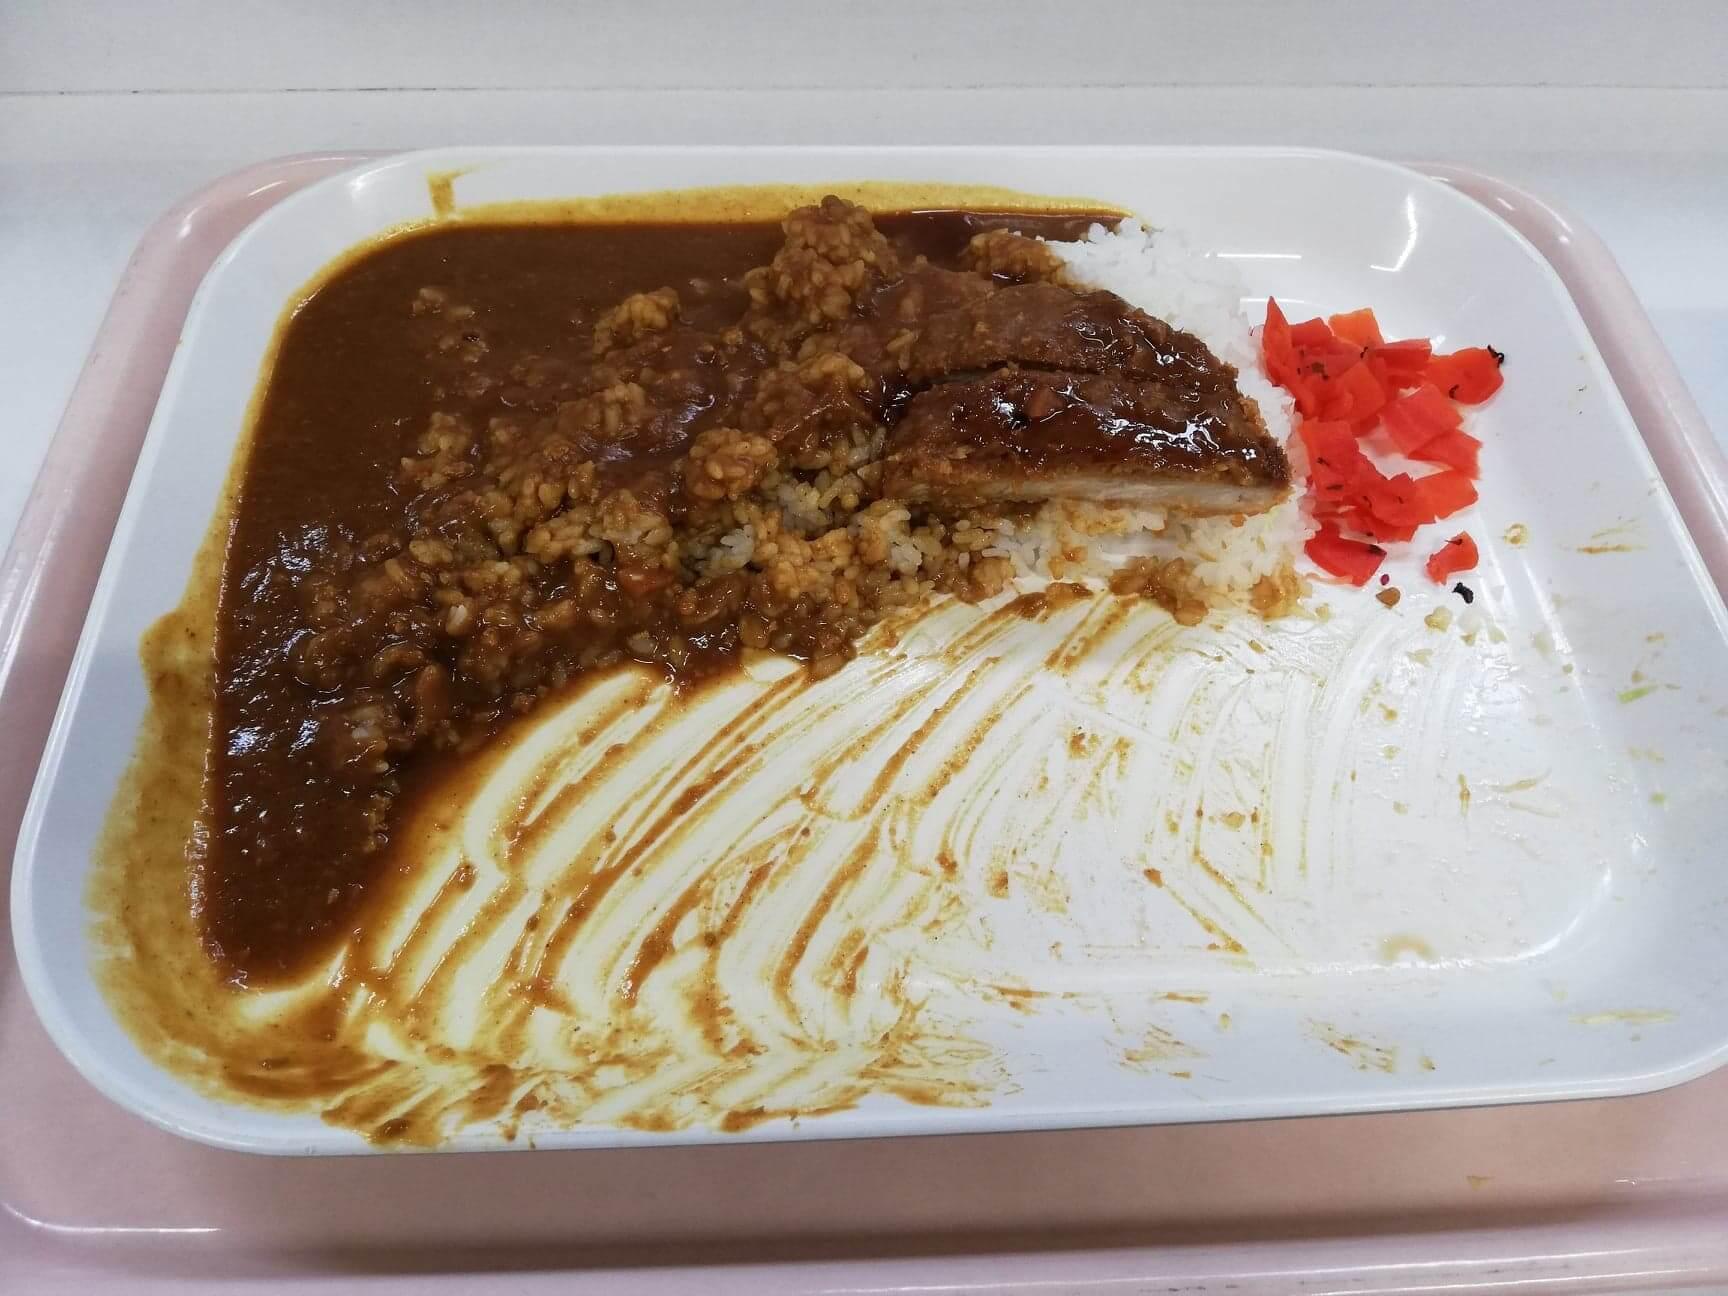 練馬区役所の職員レストランの『メガカツカレー』の残り半分の写真